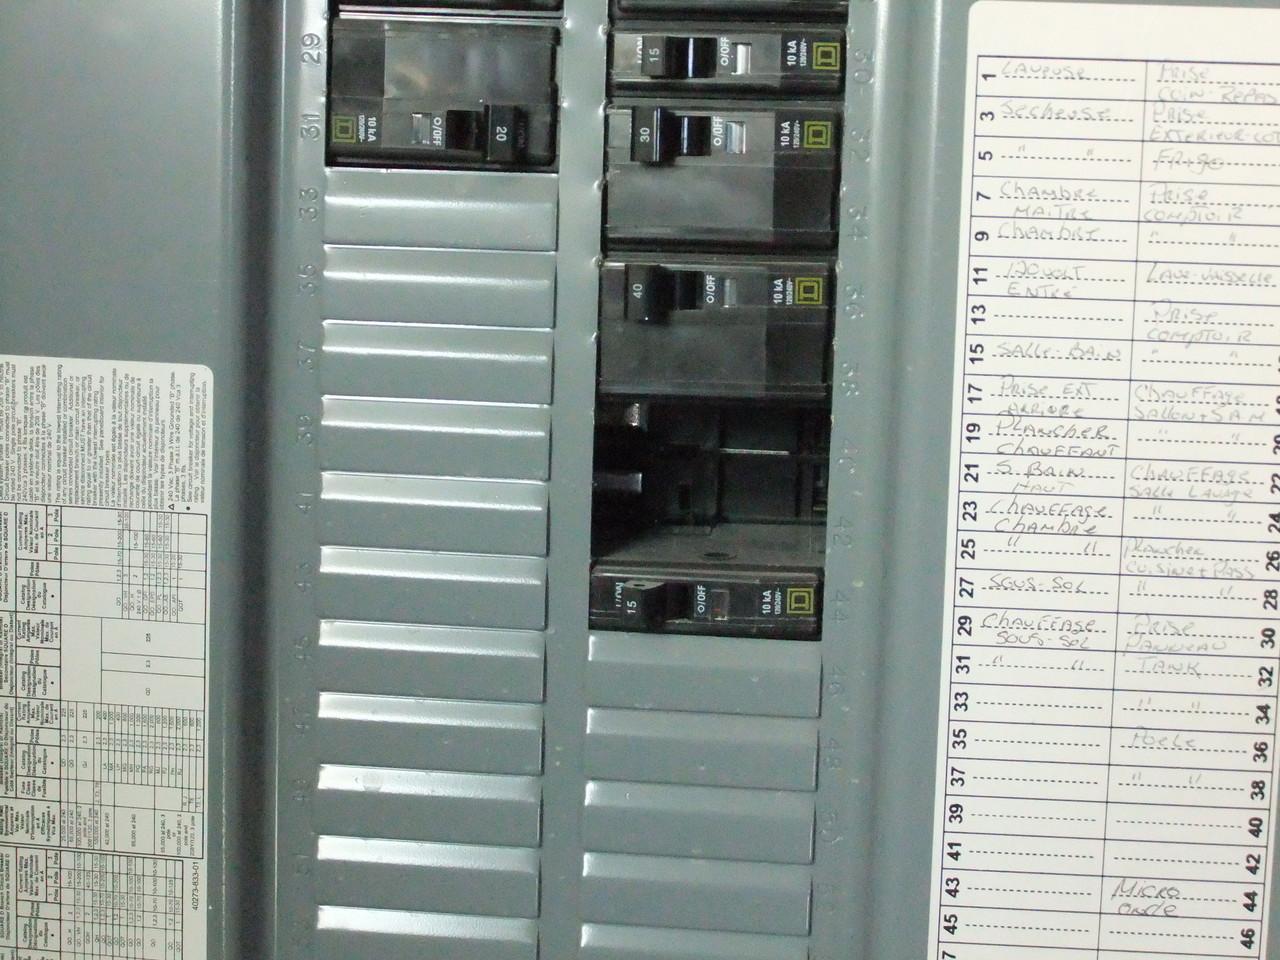 Manque de plaque protectrice dans le panneau électrique